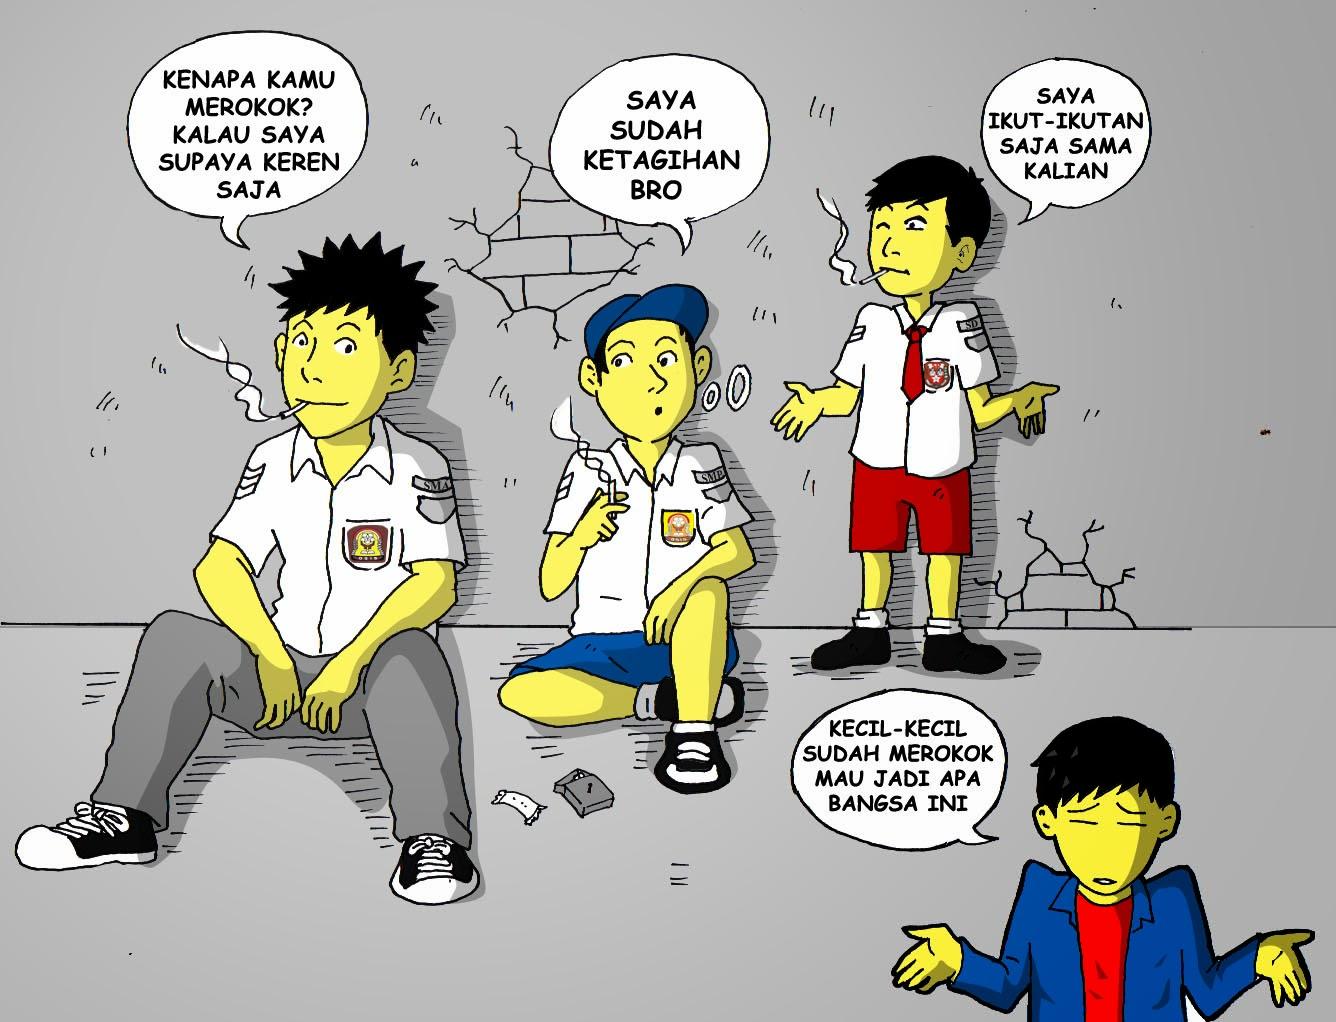 Gambar Kartun Tentang Rokok Gokil Abis